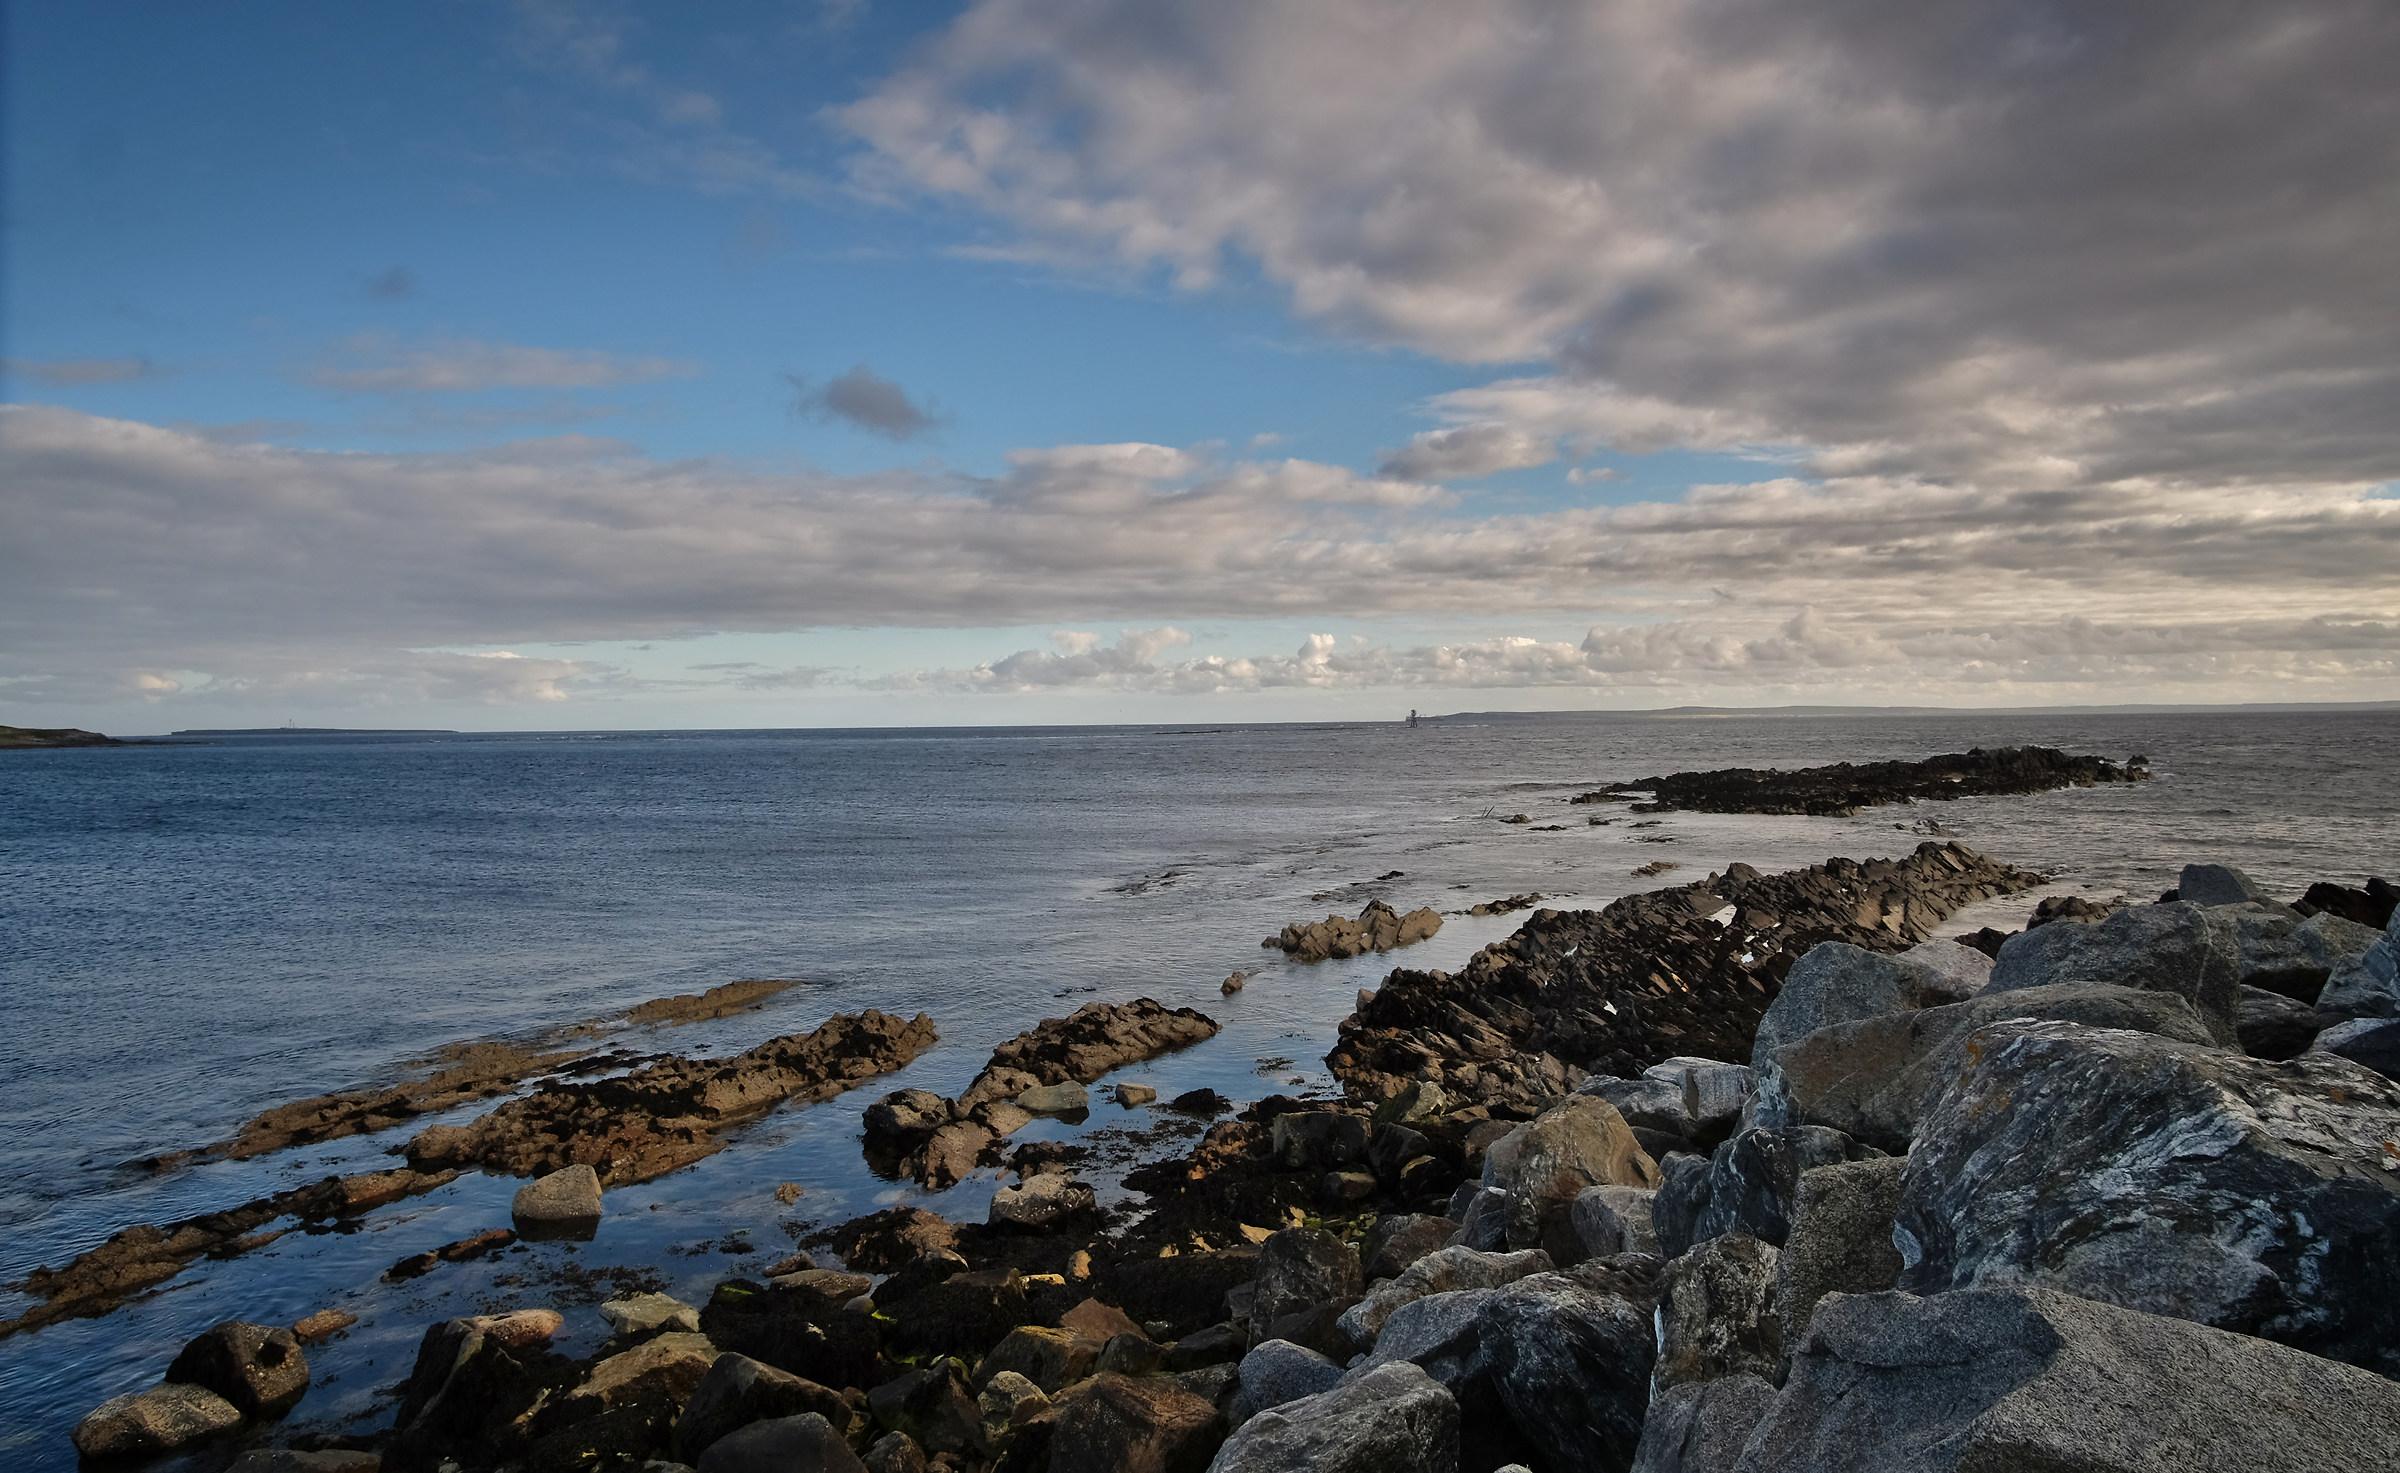 Strati di roccia nel mare...